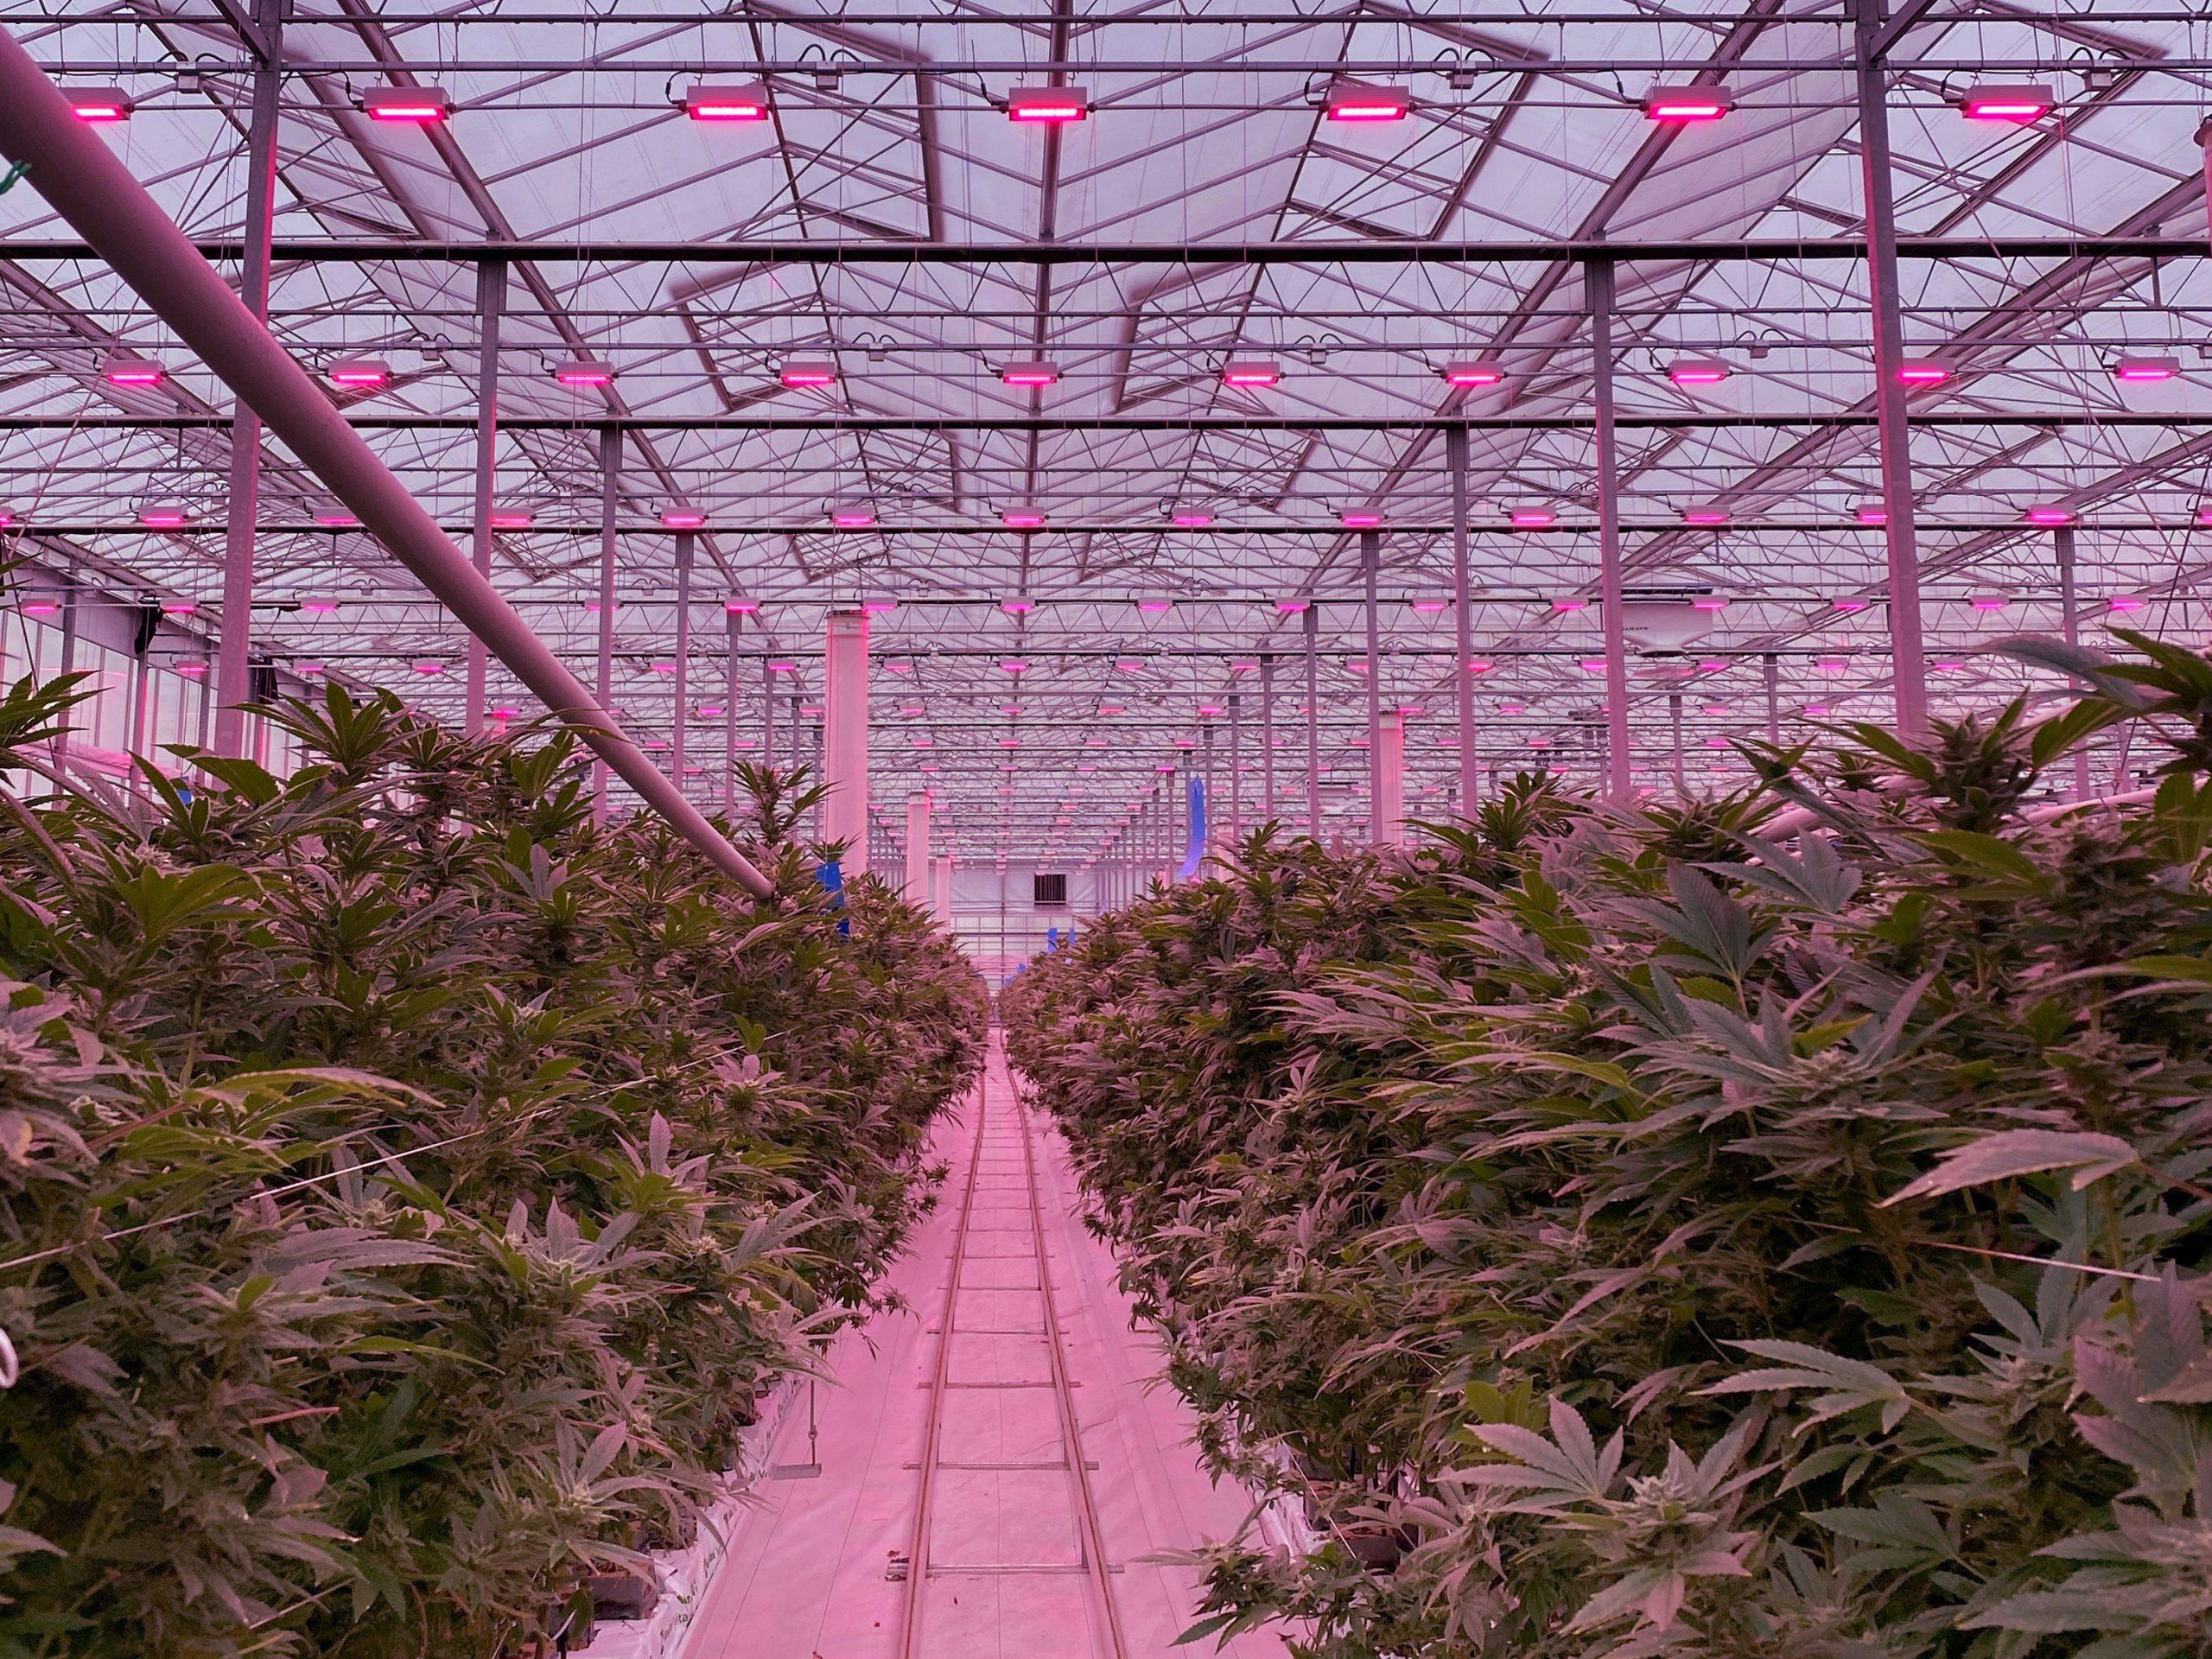 Medisun Inc x Legal Cannabis Coalition